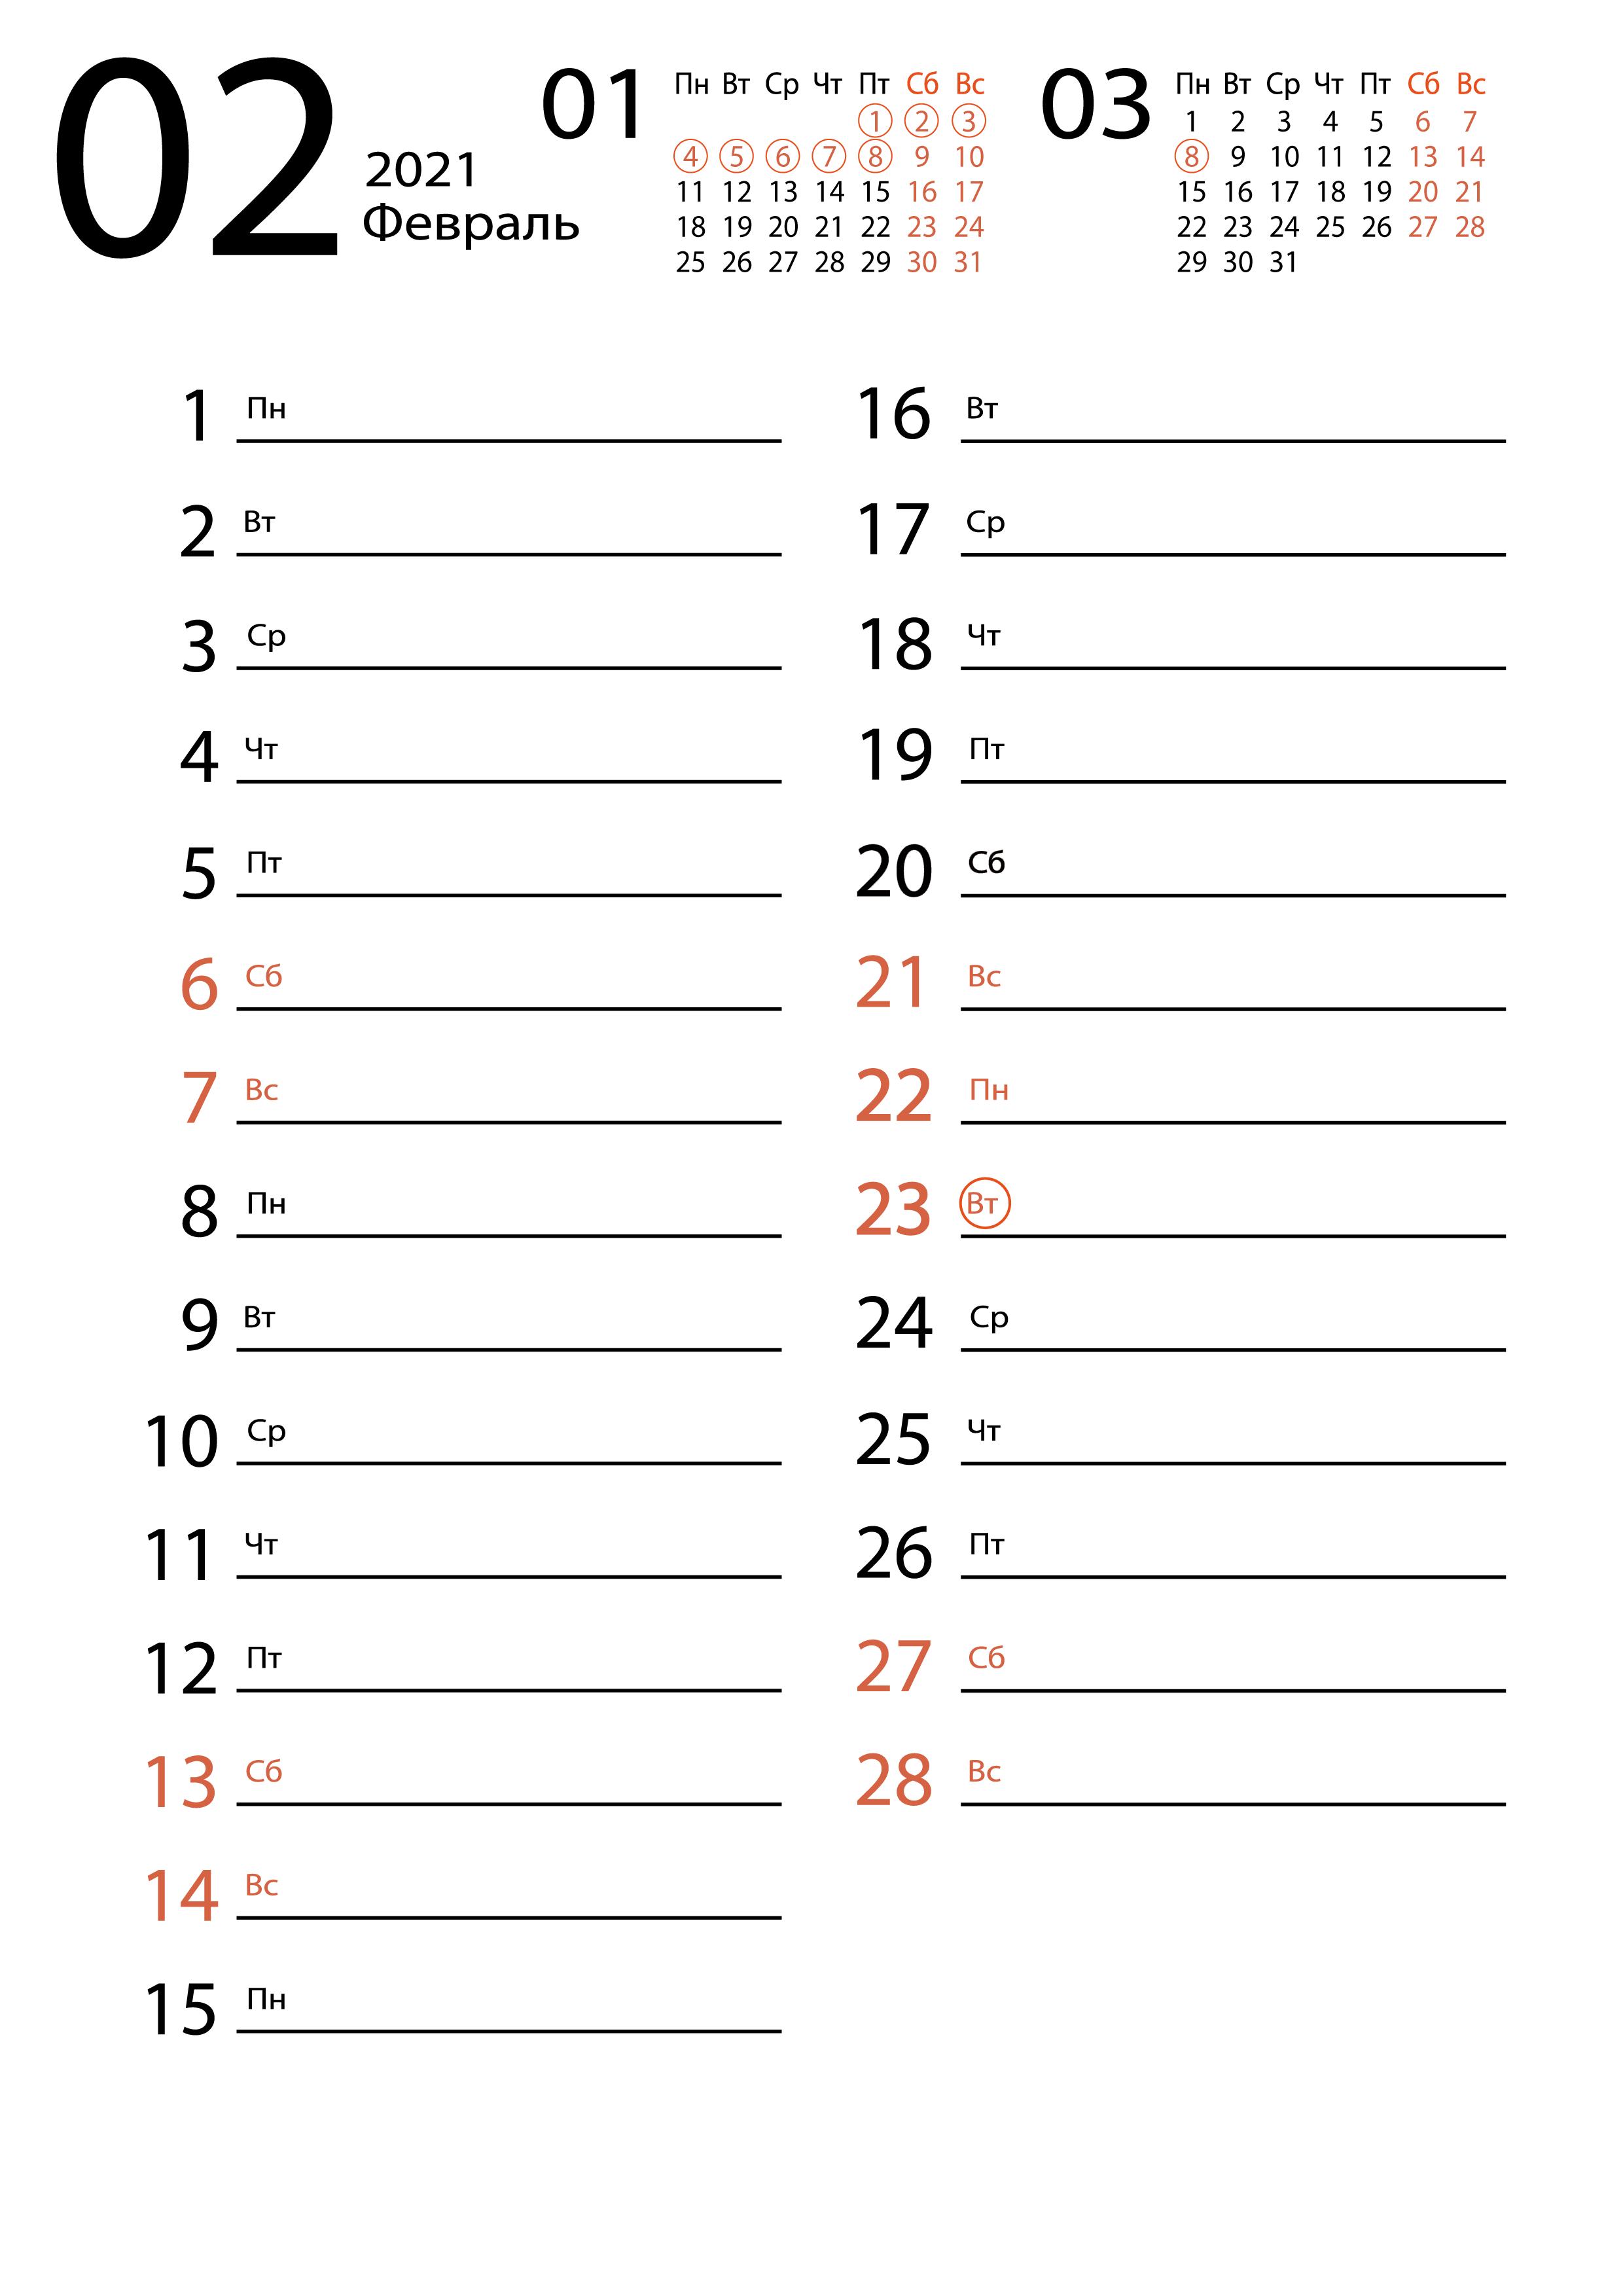 Календарь для заметок на Февраль 2021 года